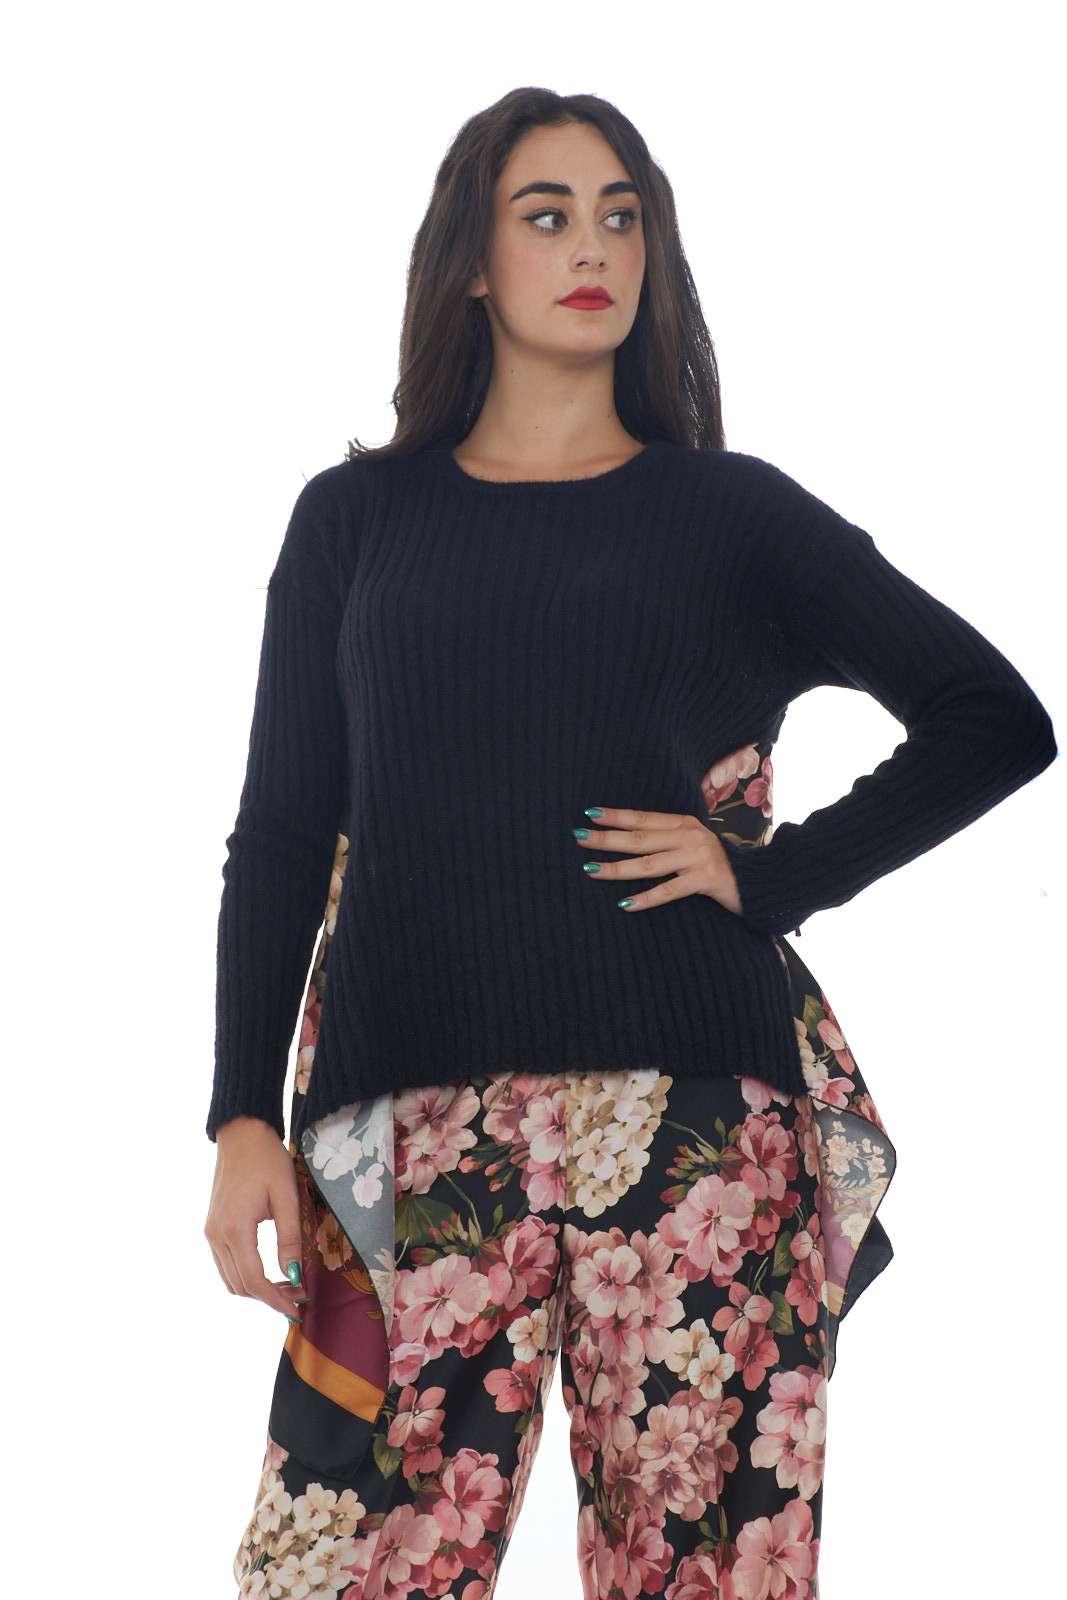 https://www.parmax.com/media/catalog/product/a/i/AI-outlet_parmax-maglia-donna-Twin-Set-192TP3062-A.jpg